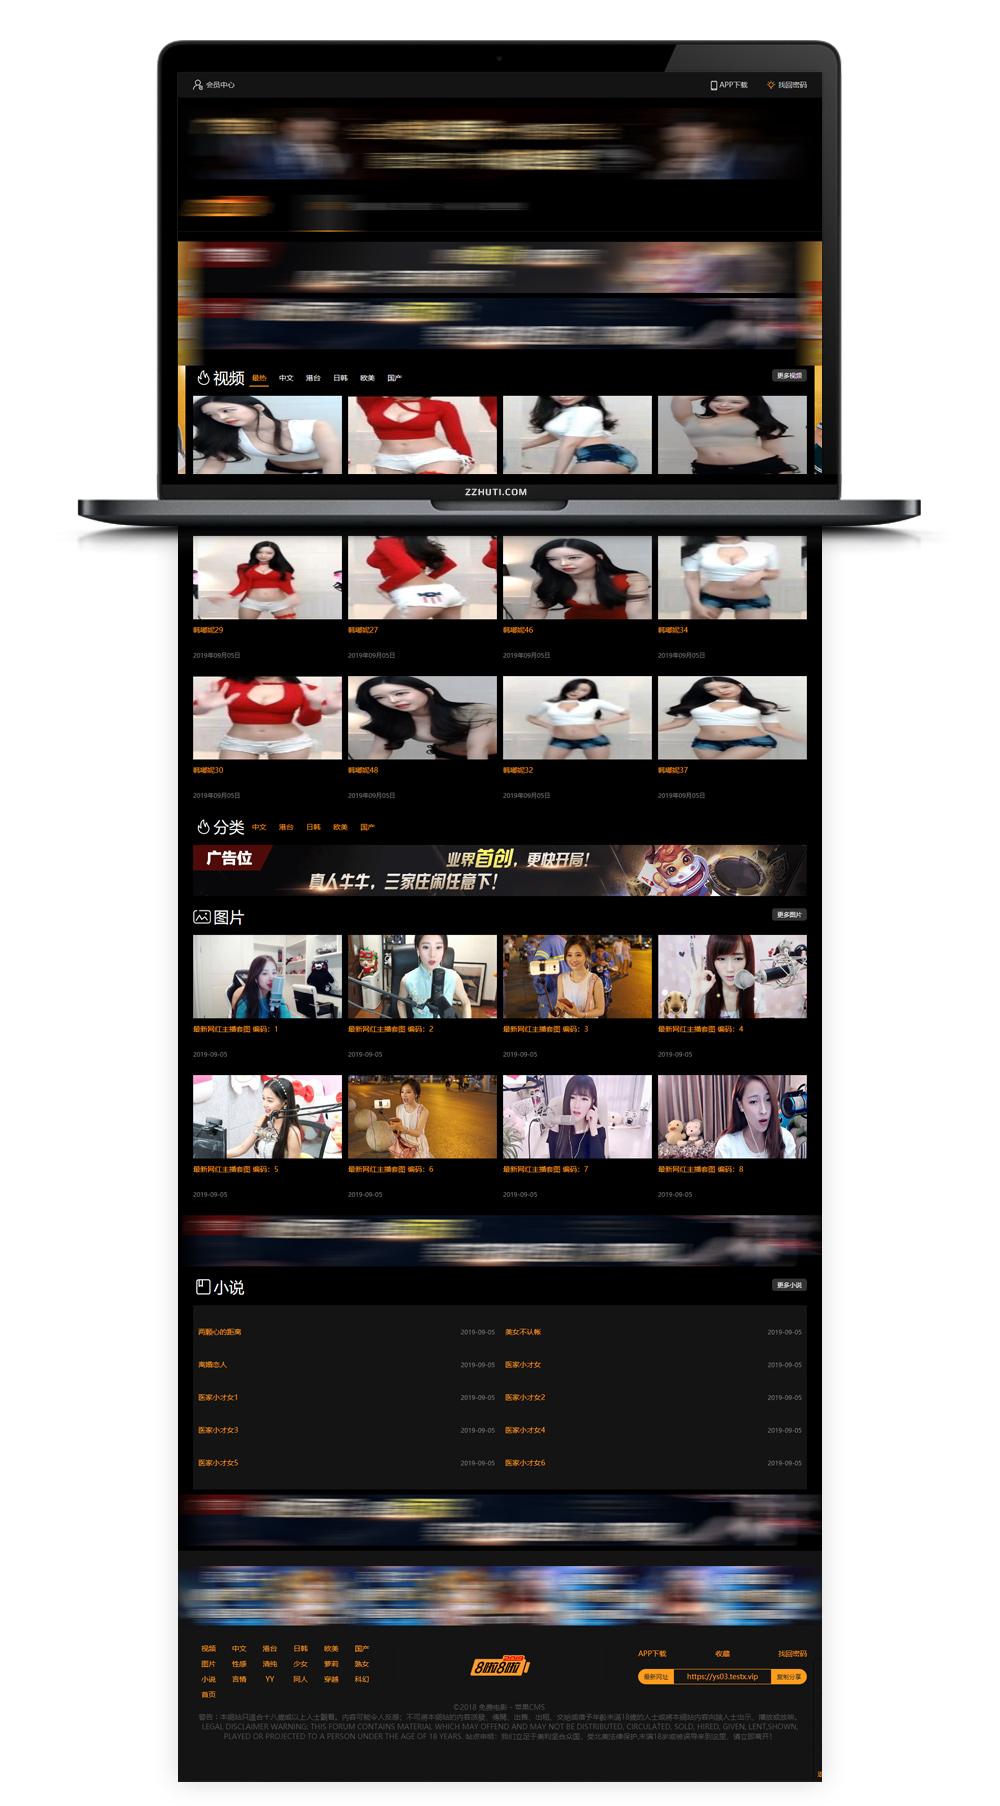 【苹果CMS模板】更新黑色小视频分享图片CMS系统网站源码H5响应式移动端插图